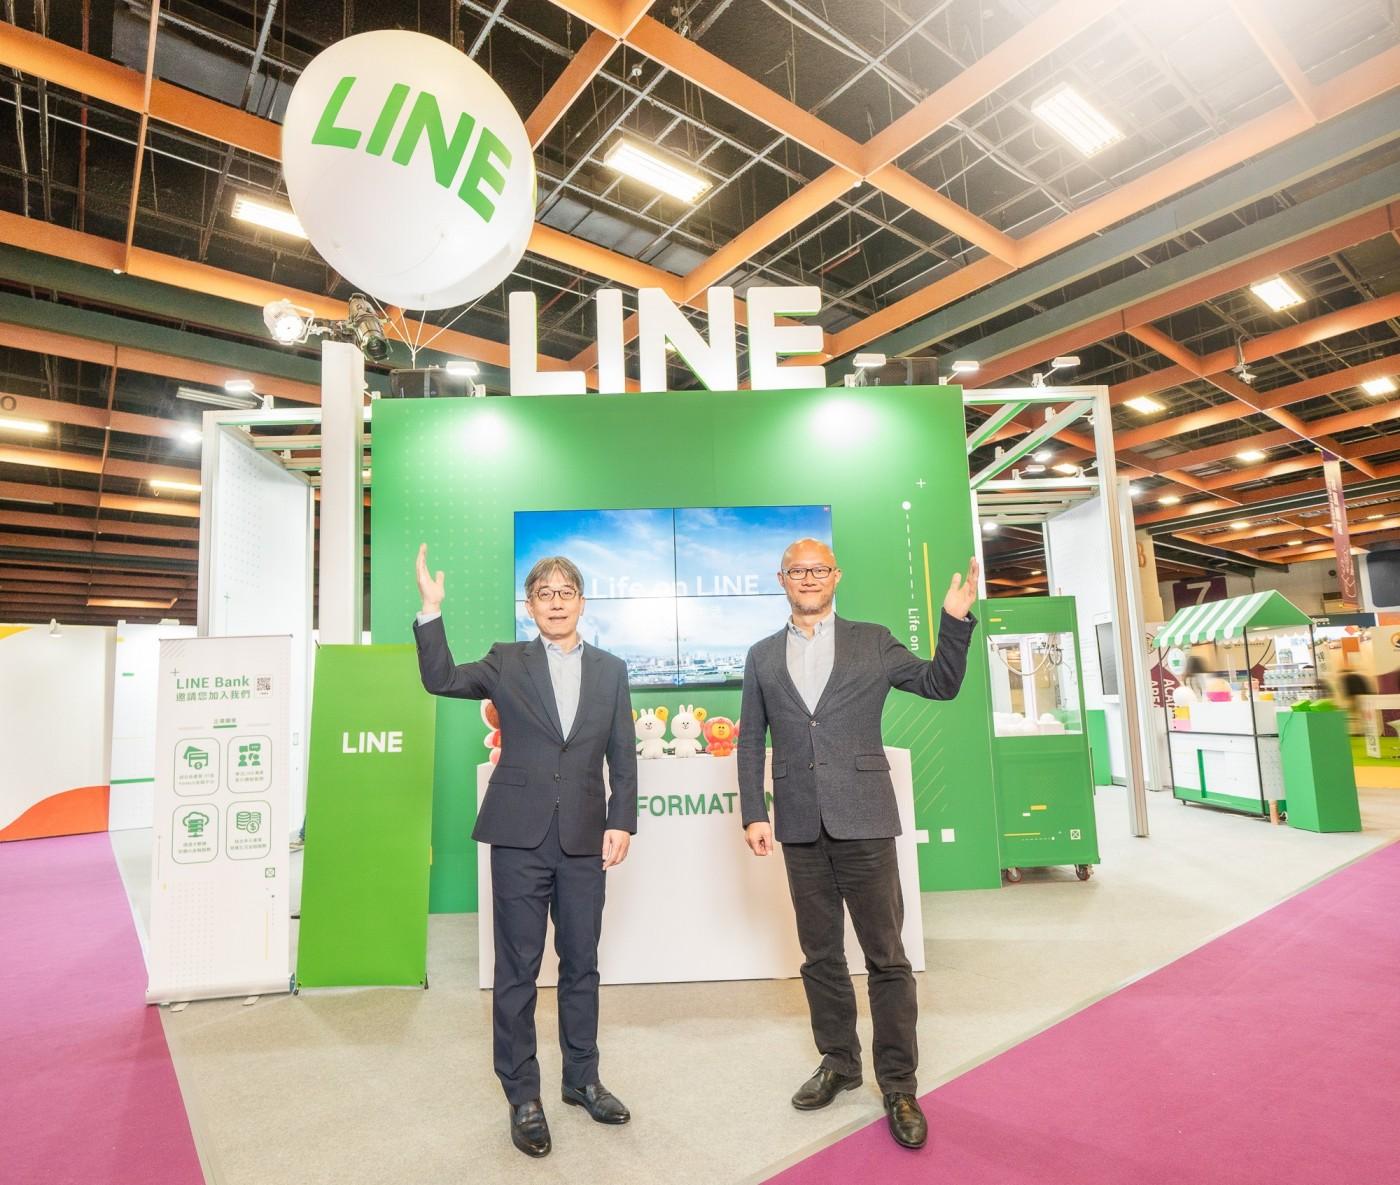 LINE BANK上線在即,職缺大開20種!為何執行長滿口AI,它能贏將來銀行、樂天嗎?